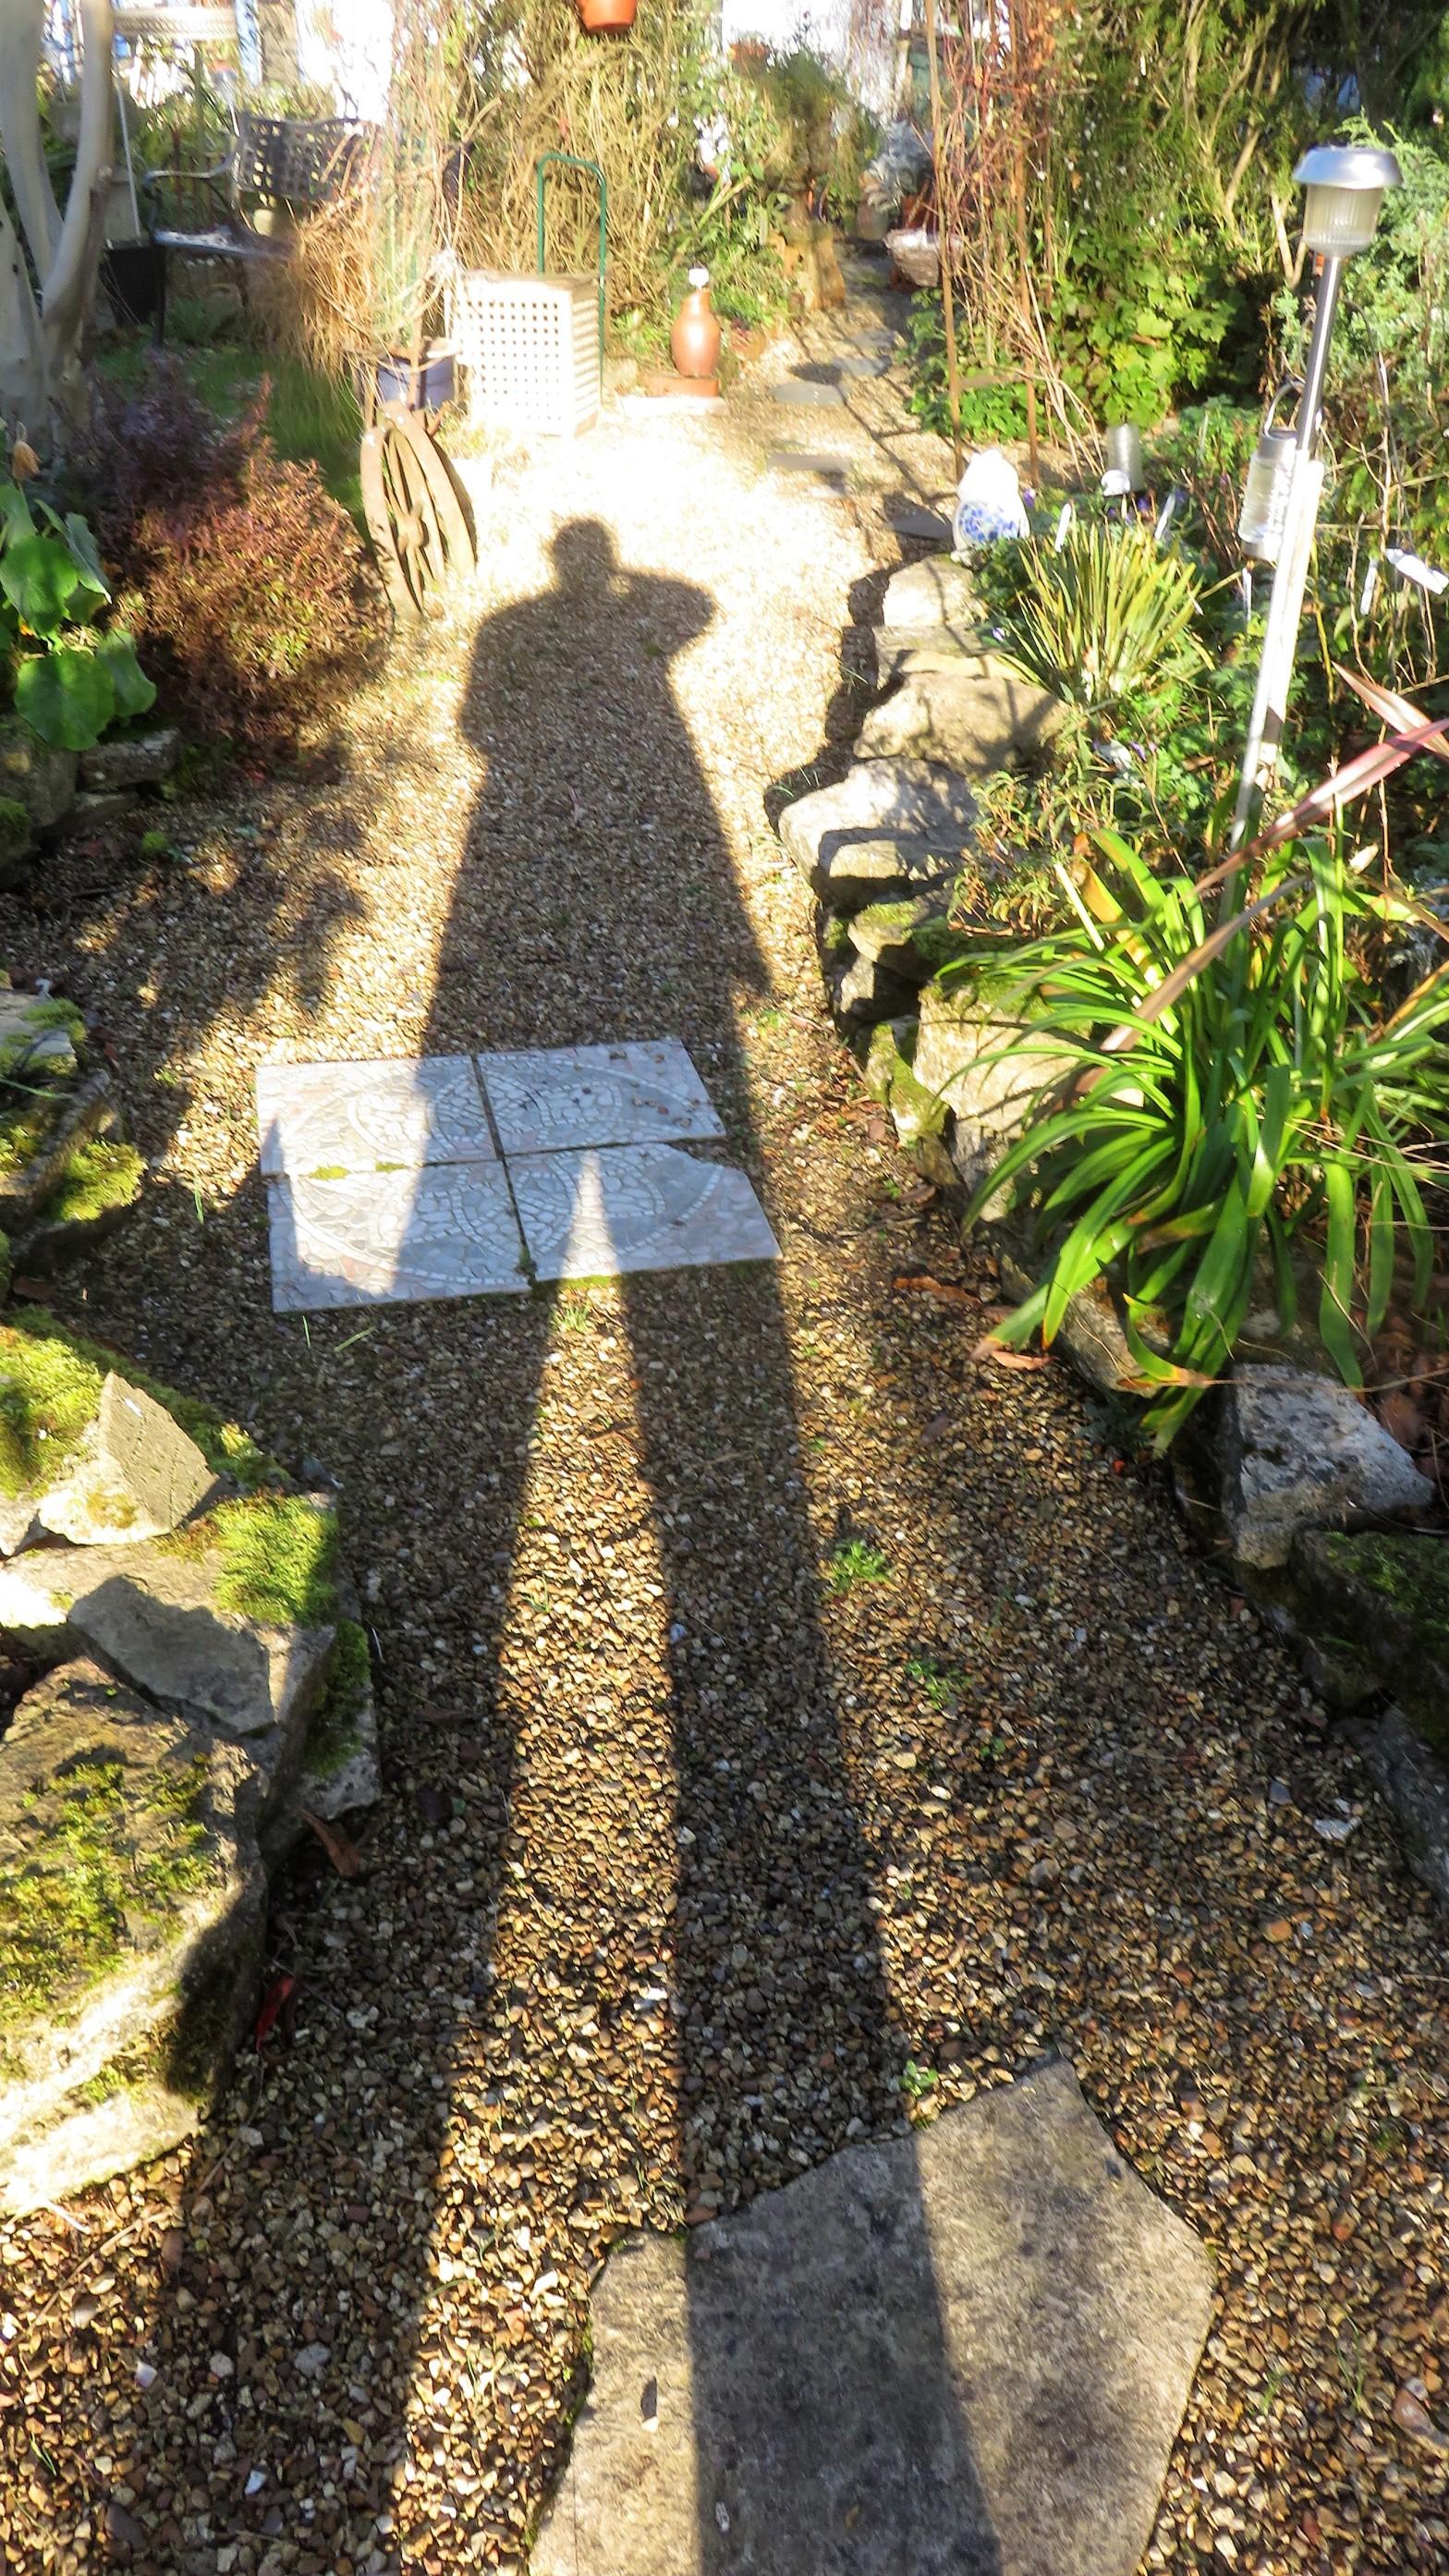 Derrick's shadow